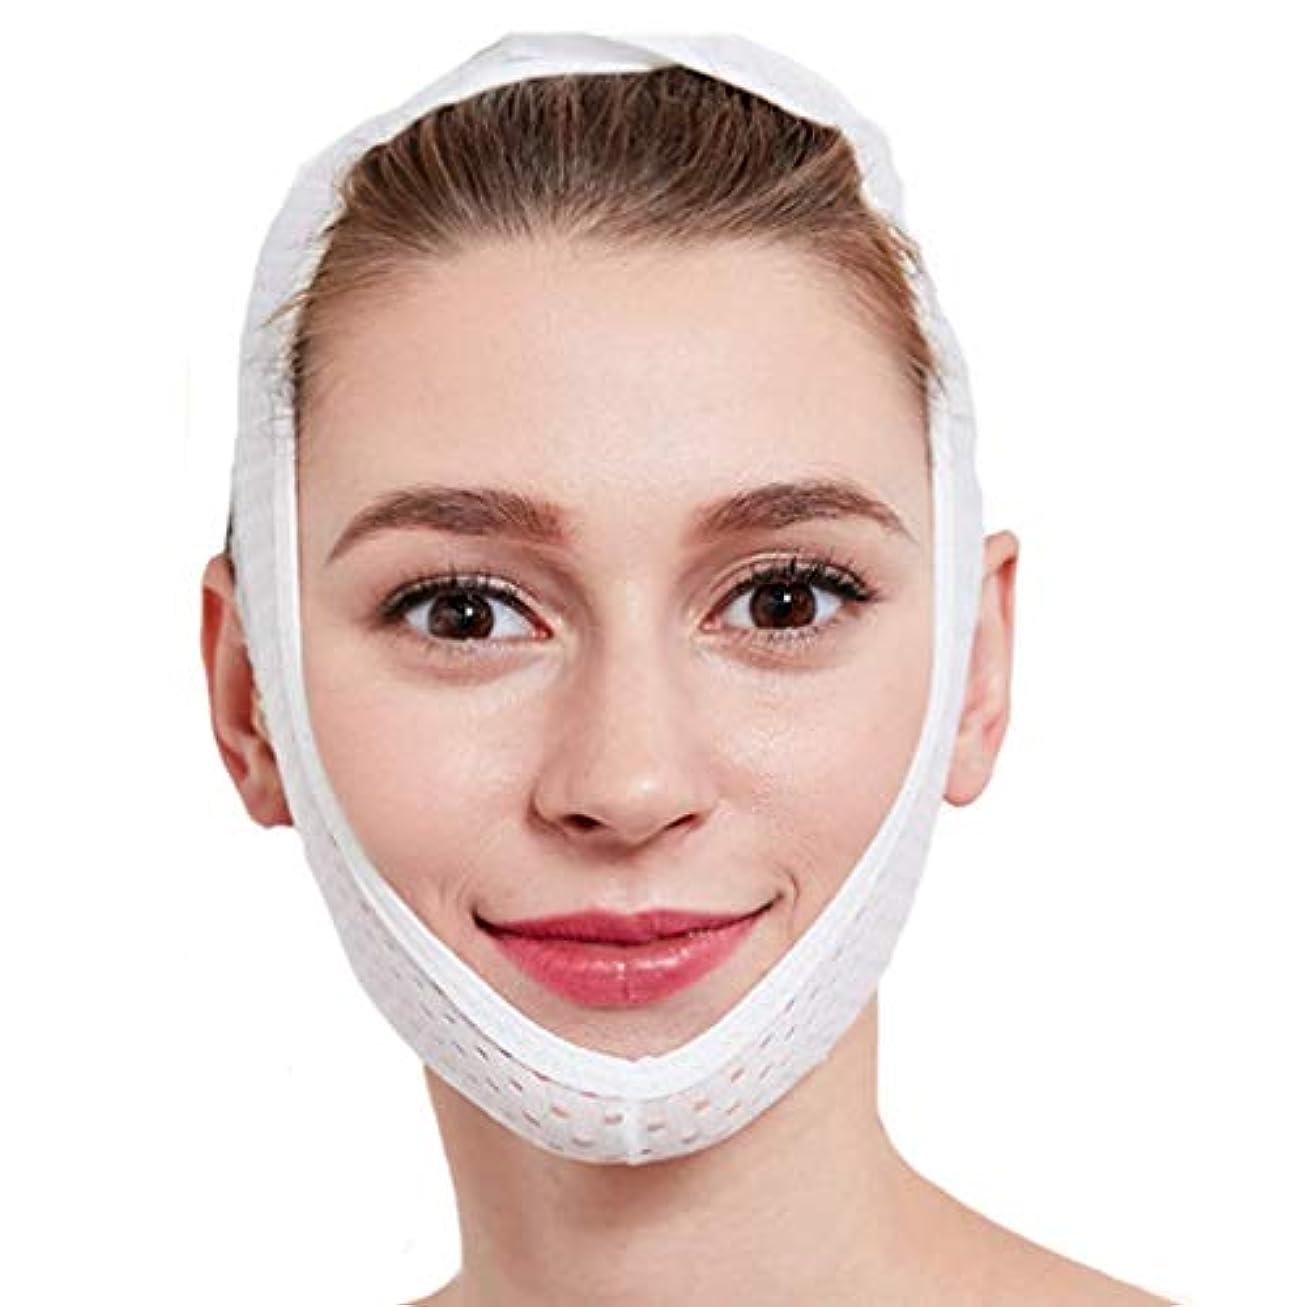 コンピューターデコードする腐食する小顔リフトアップベルト 小顔補正ベルト 小顔補正 美容グッズ 二重あご シェイプアップ 加圧マスク ベルト